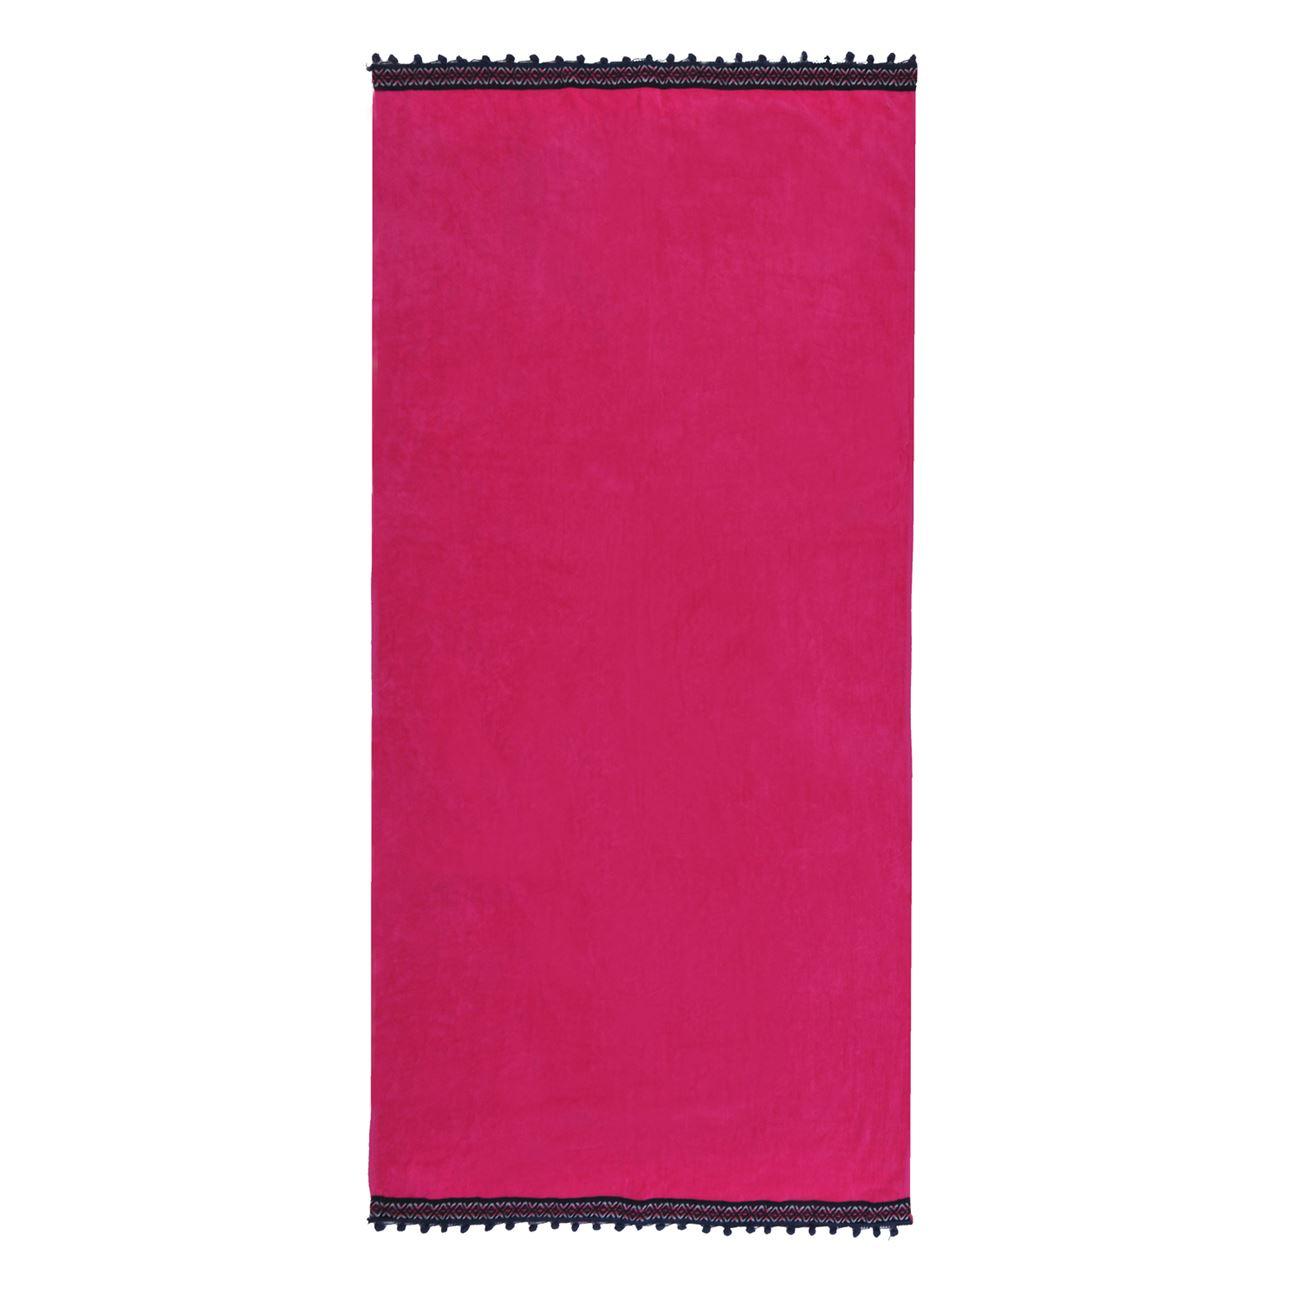 Πετσέτα Θαλάσσης Μπορντώ 75x150   Πετσέτες Θαλάσσης Γυναικείες  ebae48e6983